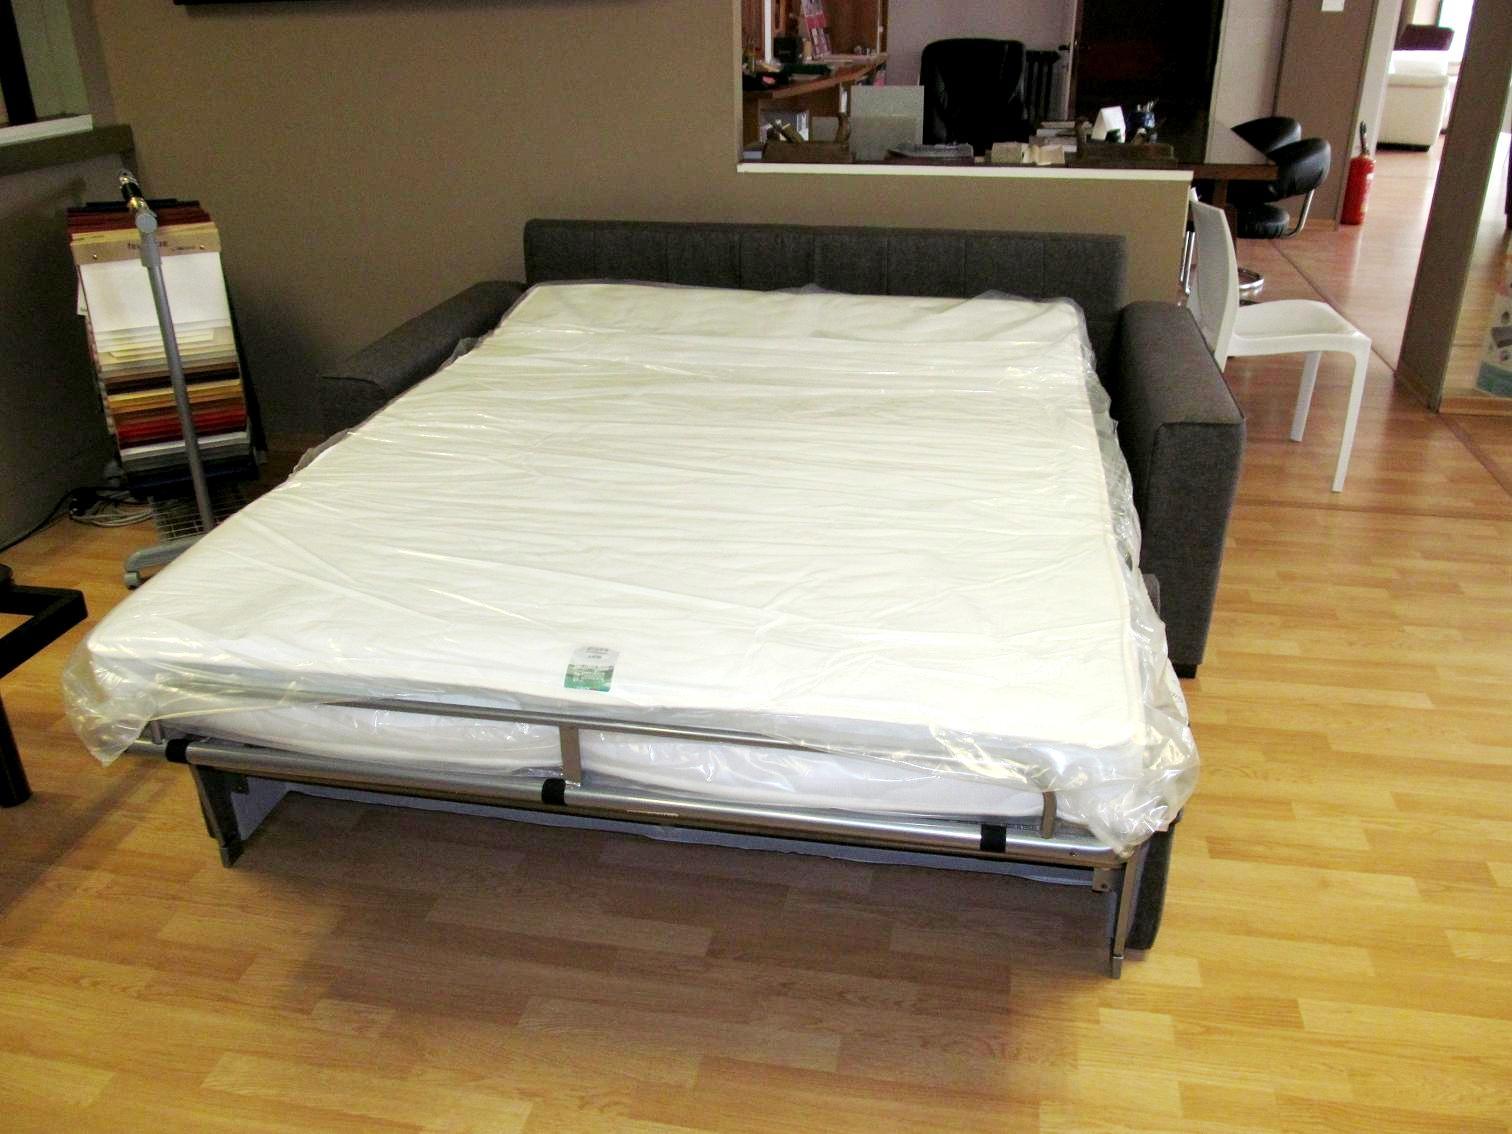 Divani letto in tessuto scontato del 33 divani a prezzi scontati - Letto oggioni prezzo ...